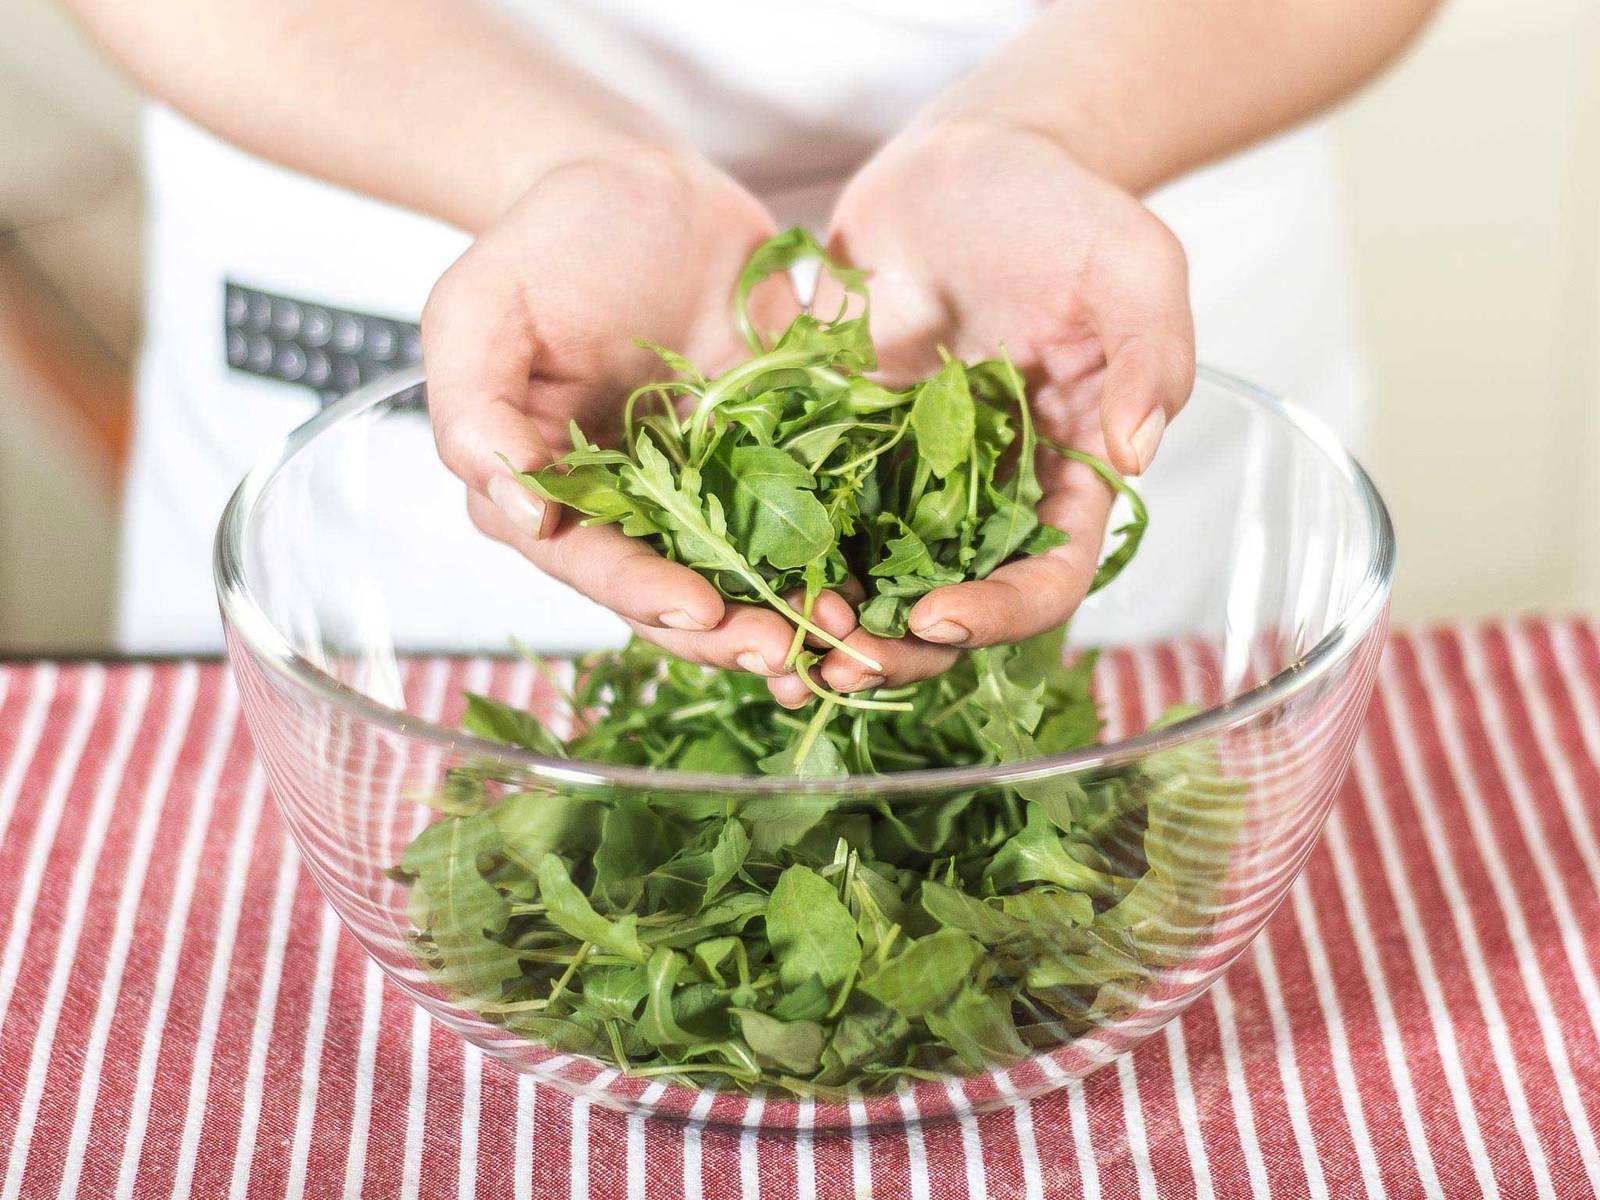 将芝麻菜清洗后甩干,去掉太大的叶子。